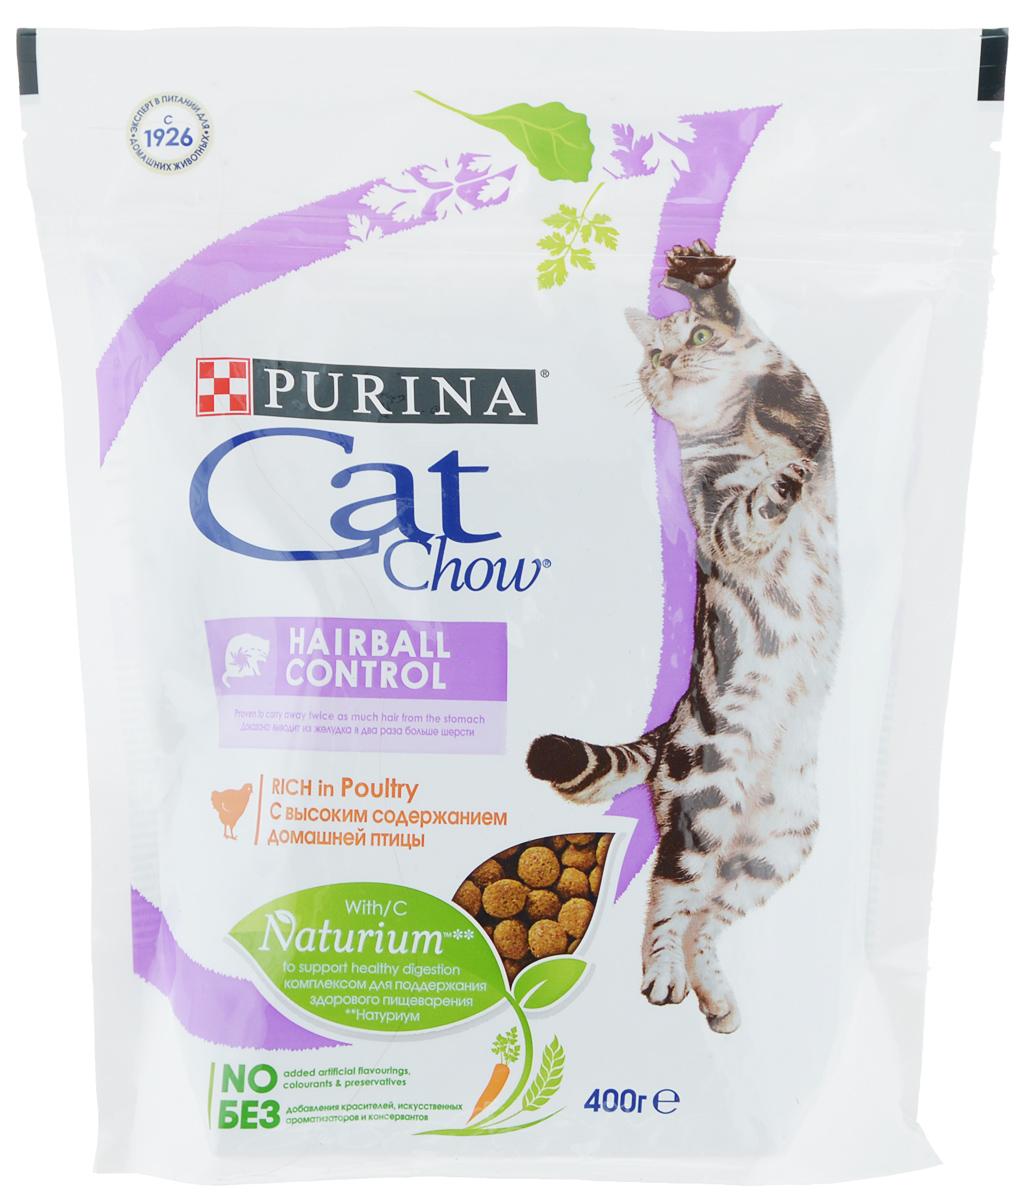 Корм сухой Cat Chow, контроль образования комков шерсти, с домашней птицей, 400 г12267402Сухой корм Cat Chow - это особое сочетание волокон природного происхождения. Он включает источник натурального пребиотика, который улучшает баланс микрофлоры кишечника и поддерживает здоровье пищеварительной системы кошки. Это позволяет ей питаться с большей пользой. В состав корма входит витамин E для поддержания естественной защиты организма кошки и витаминами группы B, чтобы помочь вашей кошке оптимально использовать энергию. В состав специально включены источники клетчатки, которые выводят из желудка в два раза больше волосков шерсти. В особенности подходит для кошек, живущих дома.Без добавления искусственных консервантов.Без добавления красителей.Без добавления искусственных ароматизаторов.Товар сертифицирован.